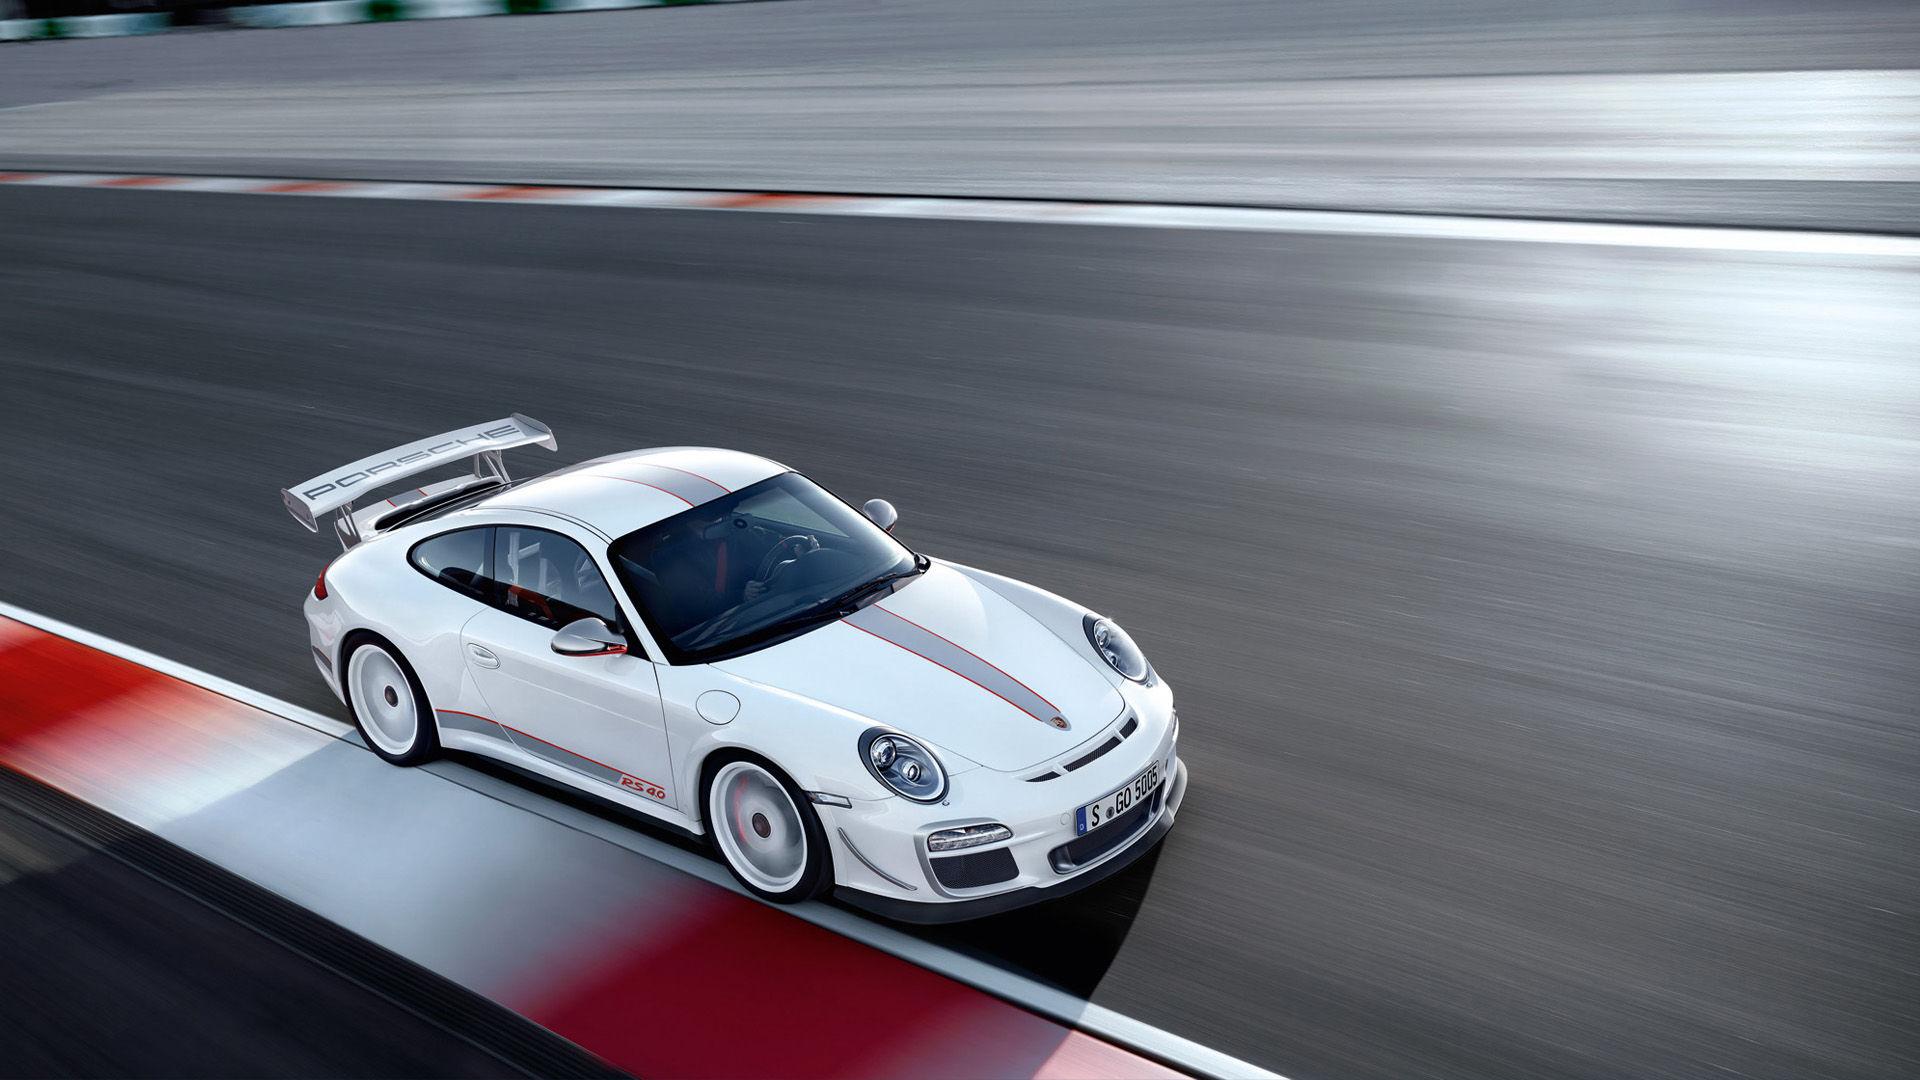 2011 Porsche 911 GT3 RS 4.0